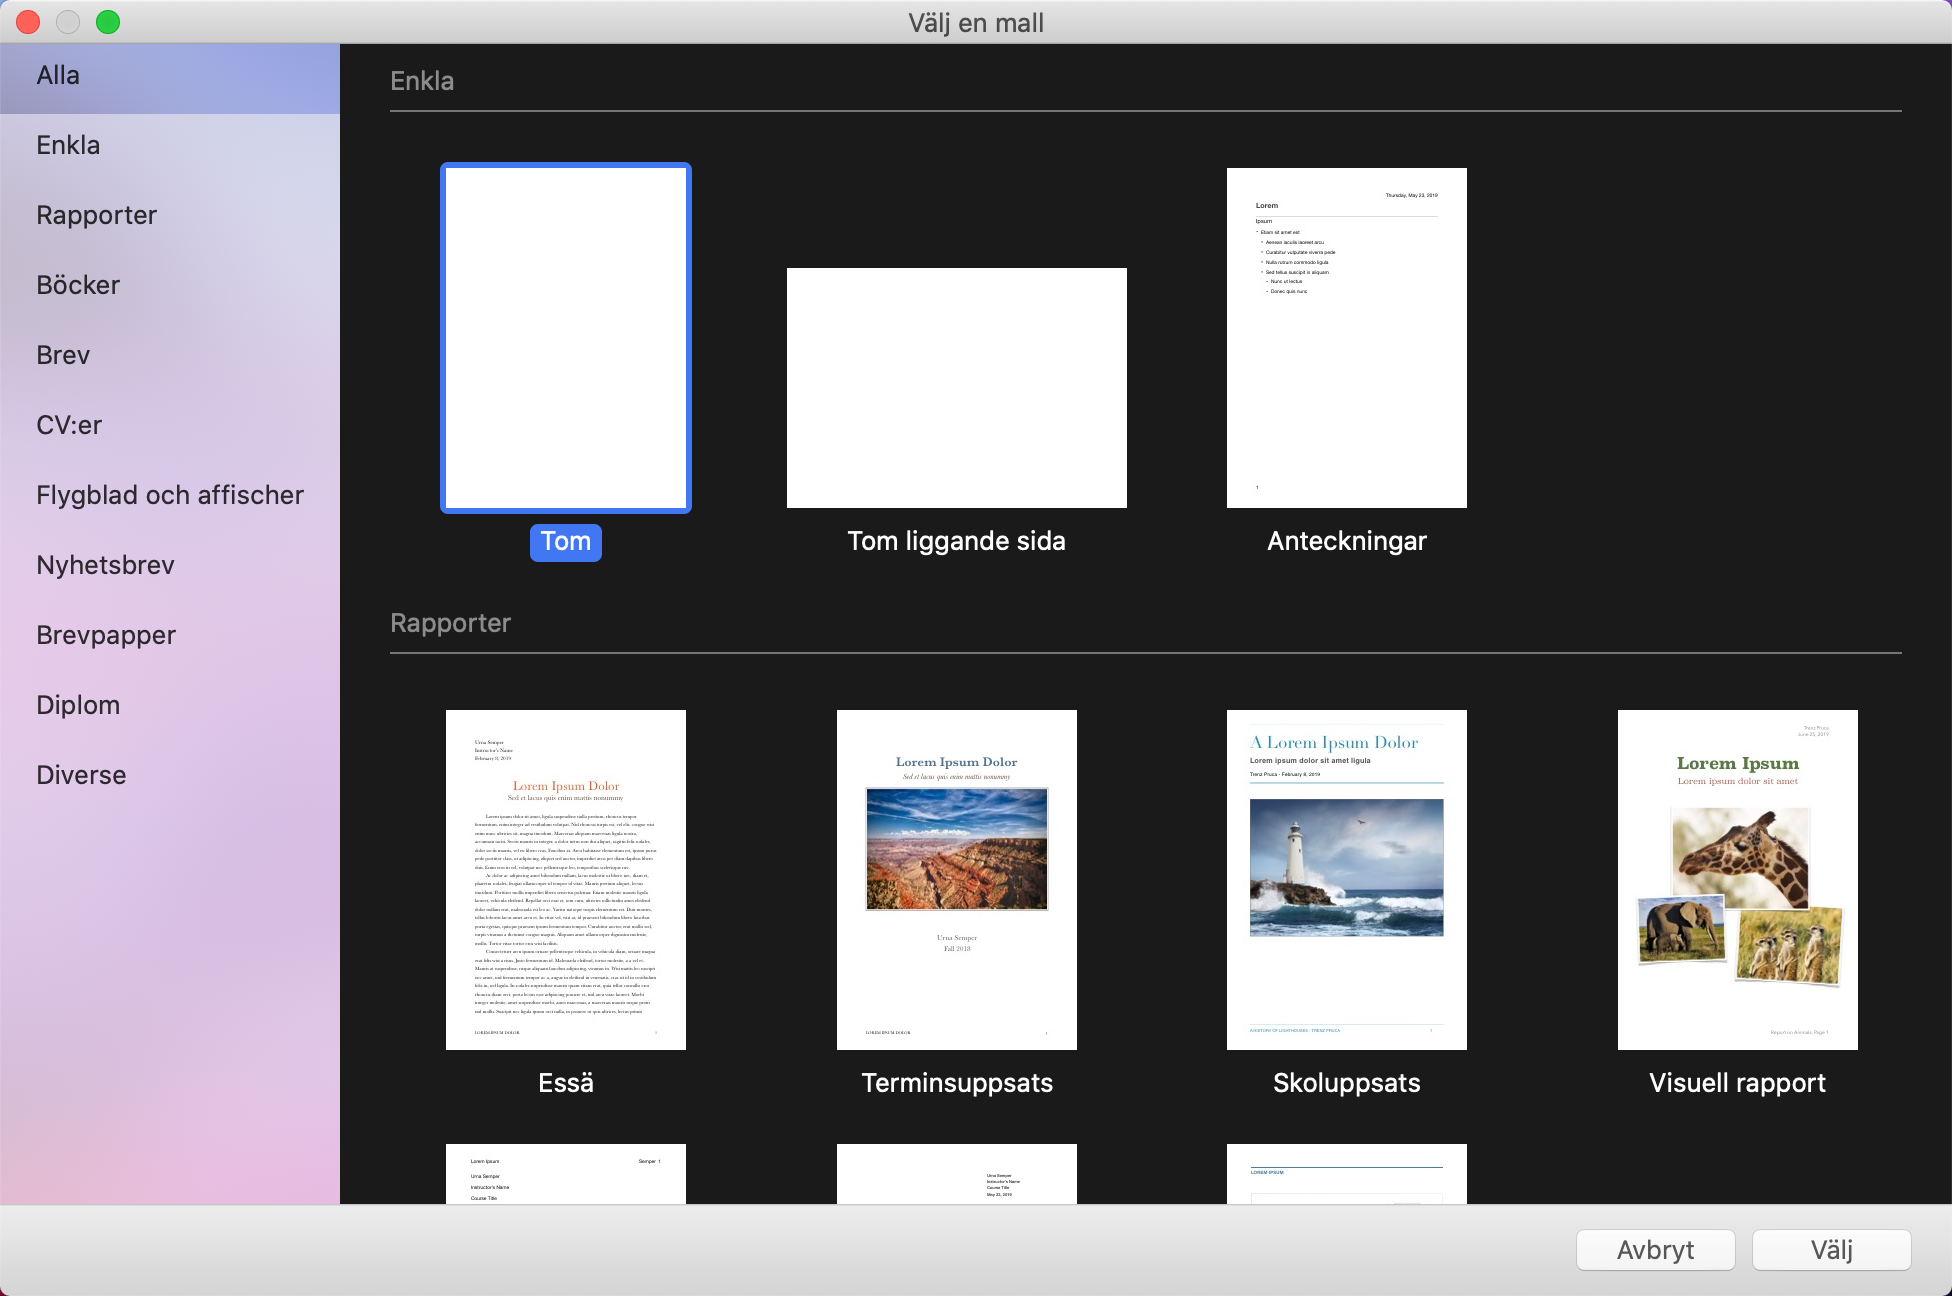 Dialogrutan Välj en mall i Pages för Mac